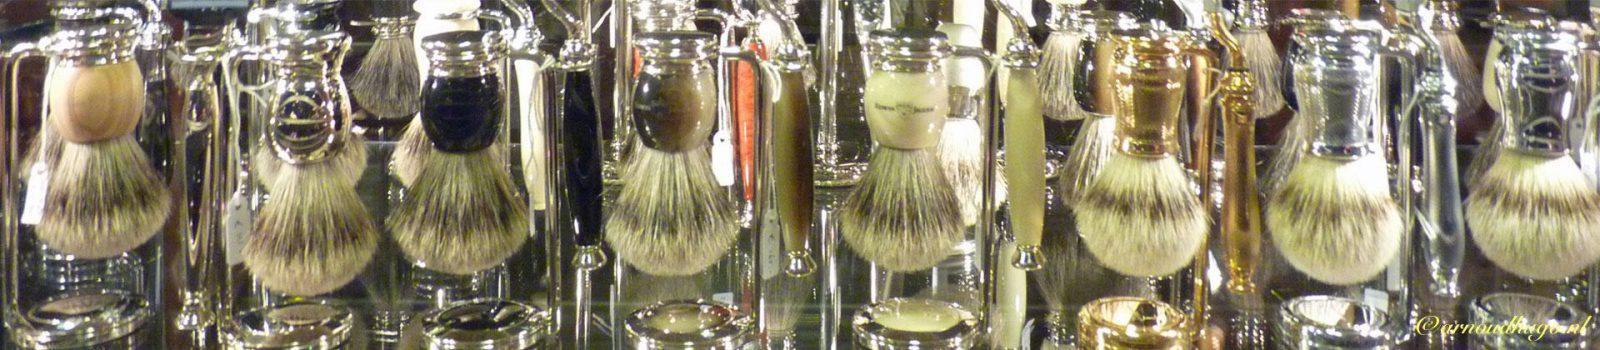 Scheerkwasten-1920x420